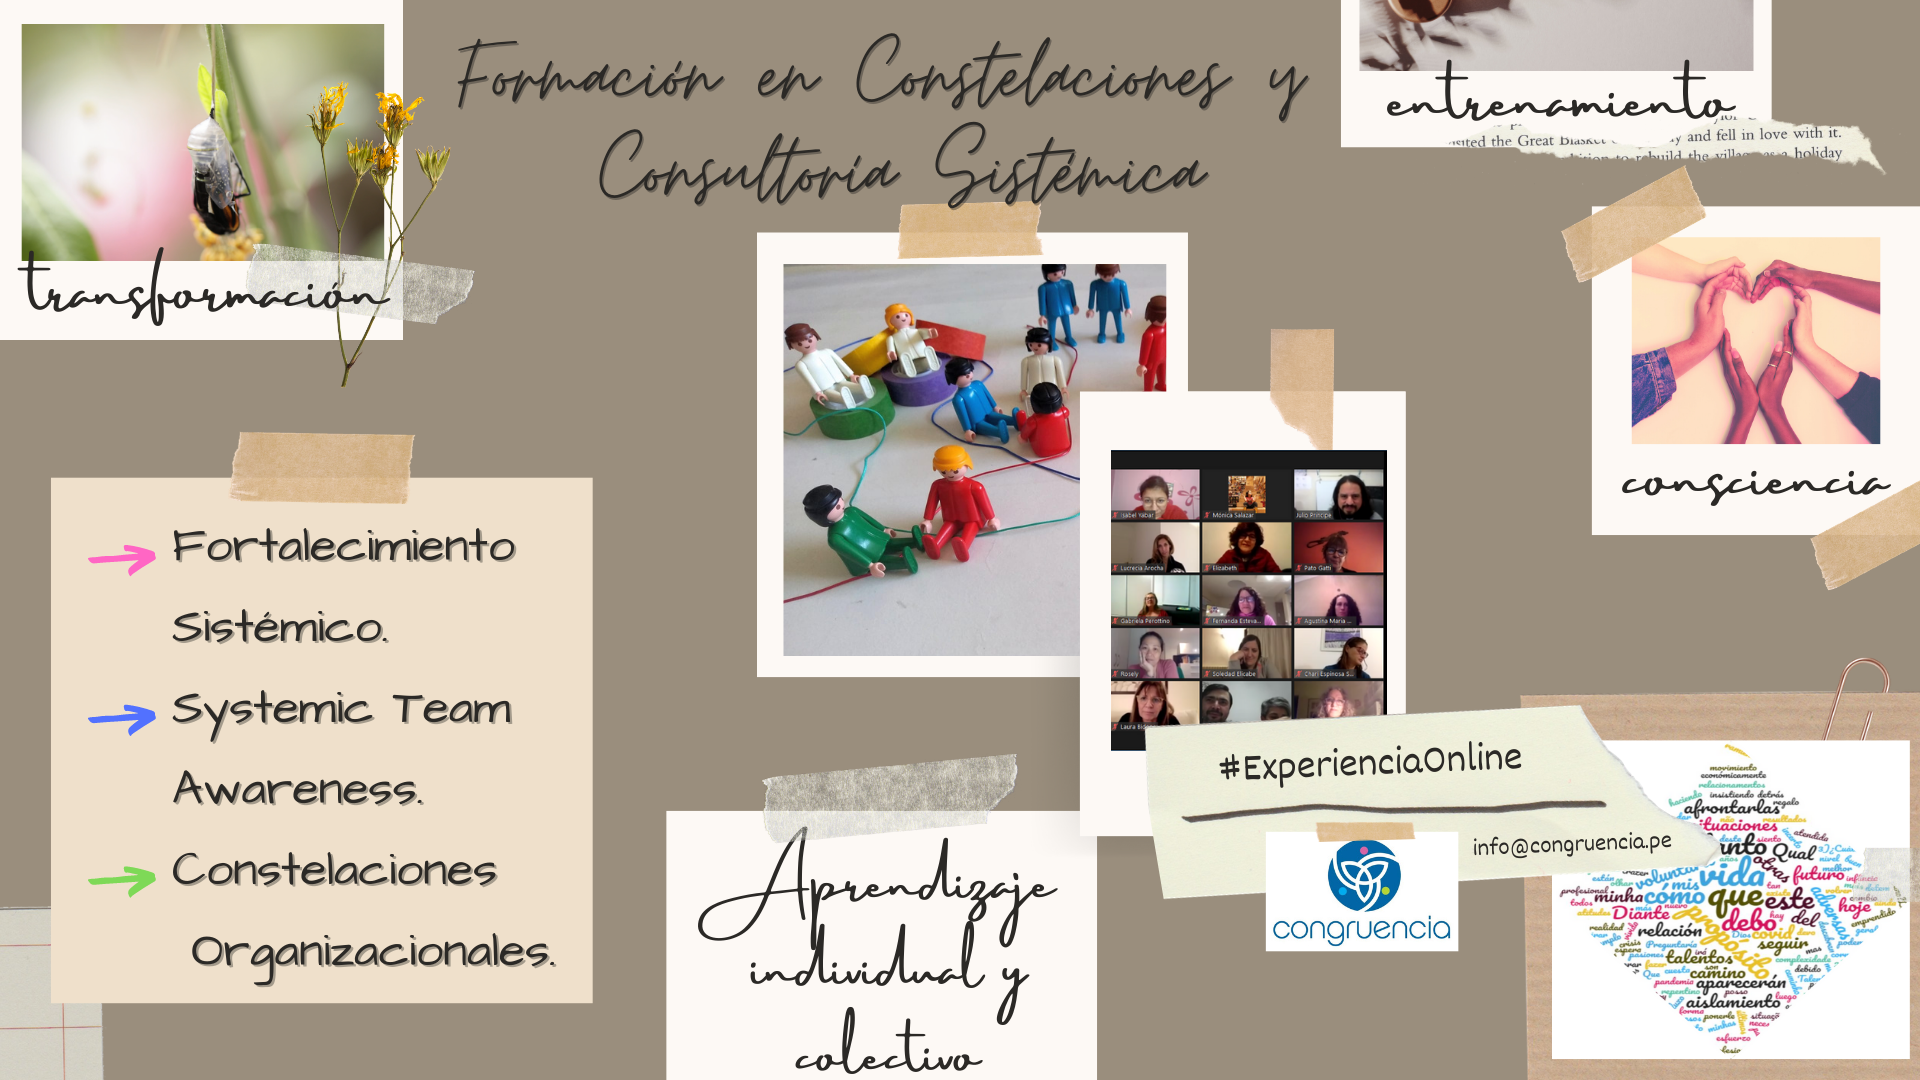 Formación en Constelaciones Organizacionales y Consultoría Sistémica #ExperienciaOnline